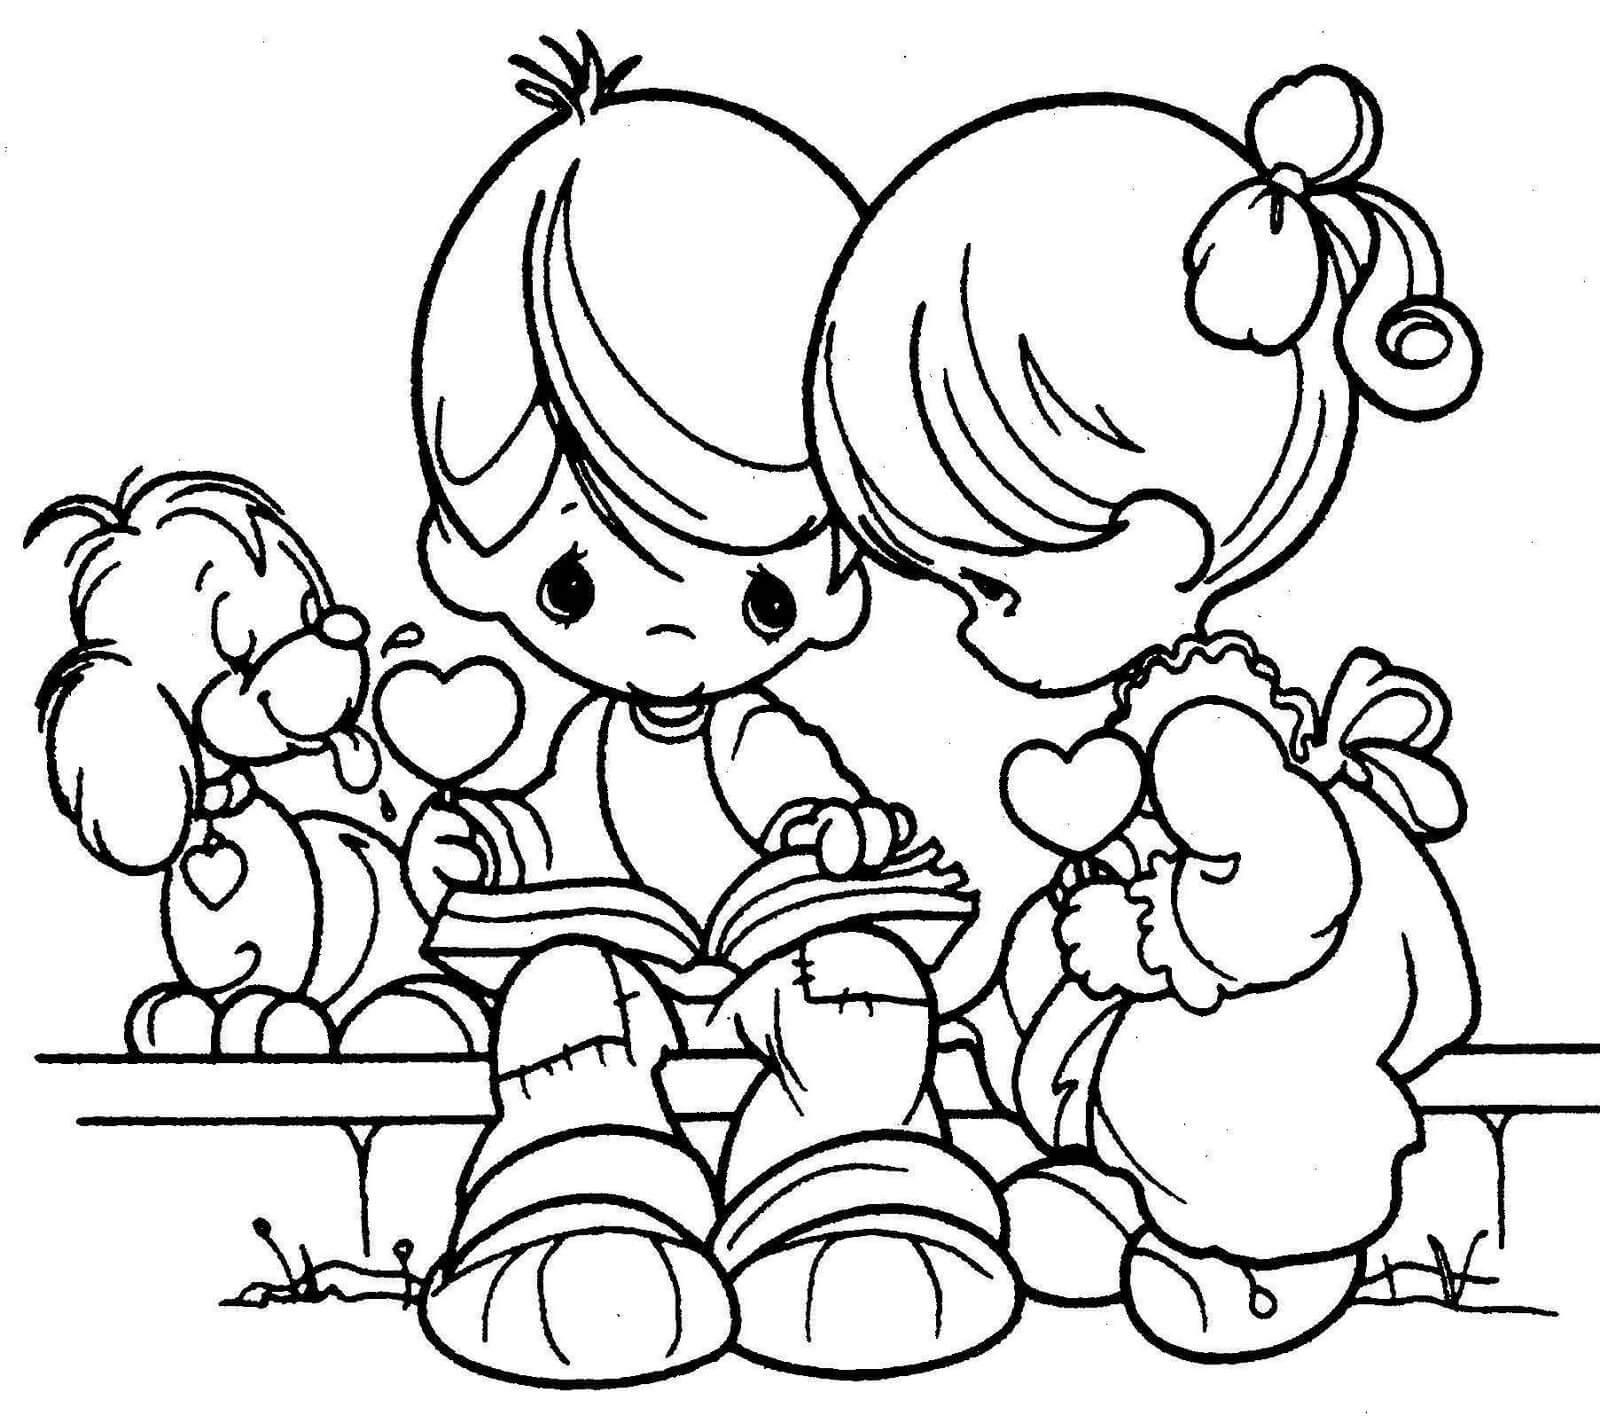 Se habrán dicho muchas cosas, se habrán escrito muchos libros, pero mientras tu corazón no sienta nada, sabrás del amor verdadero.